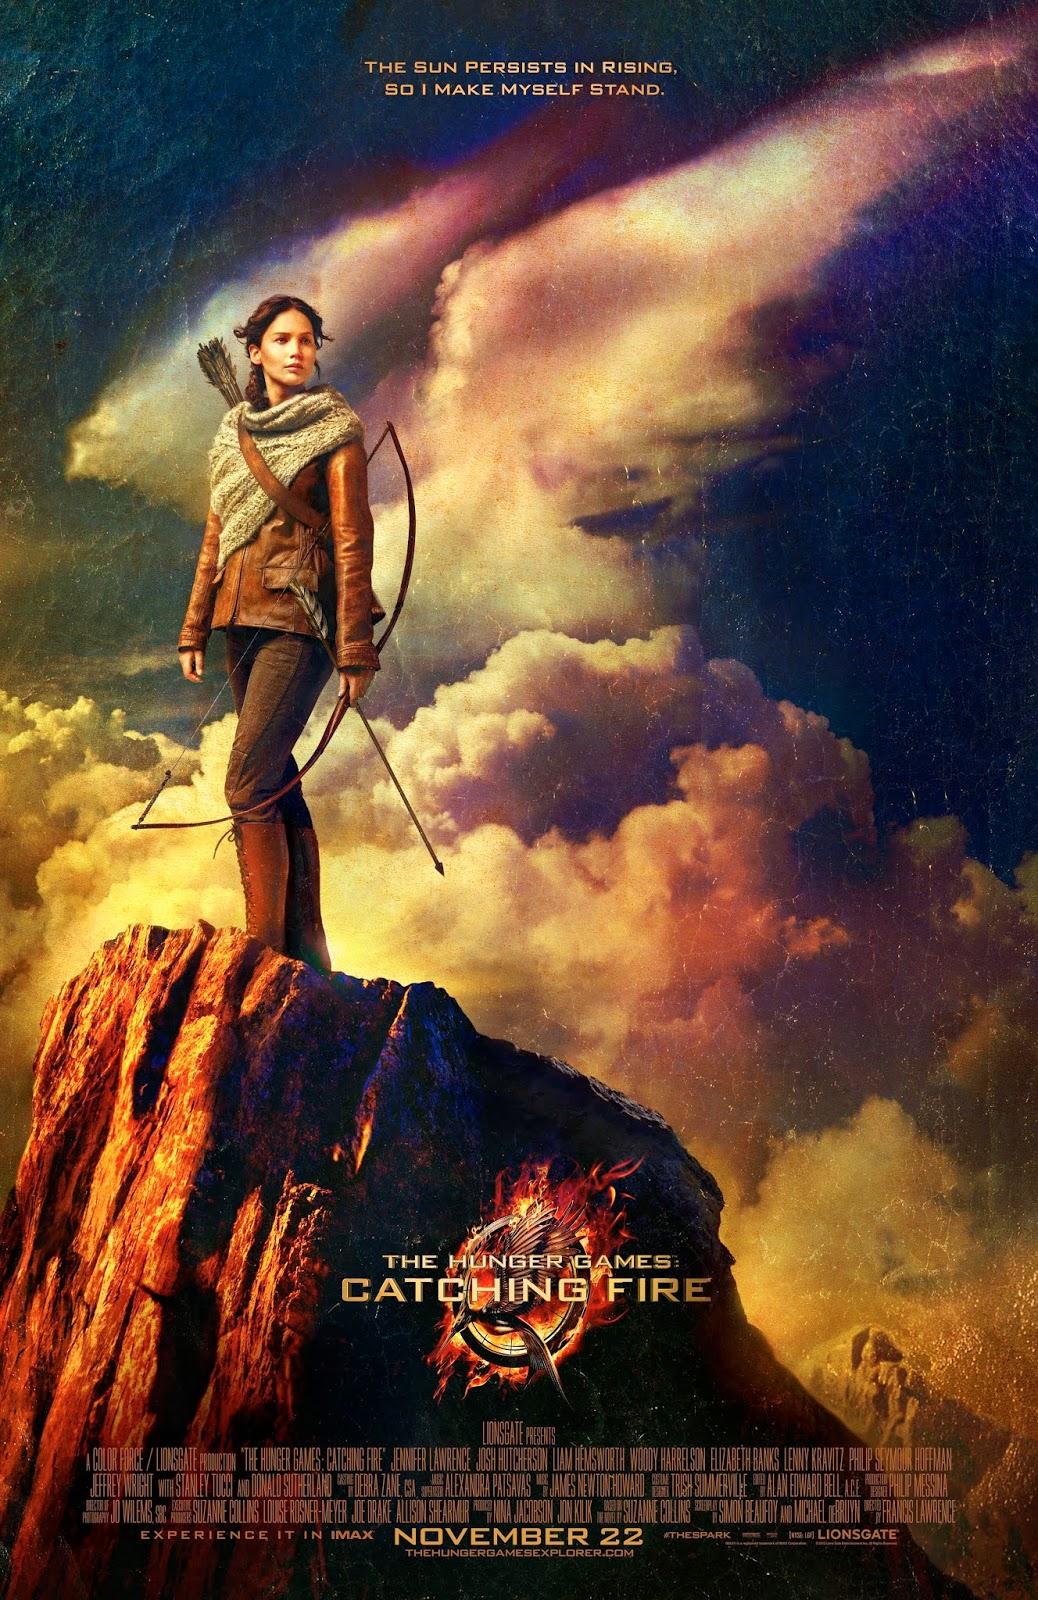 飢餓遊戲3自由幻夢The Hunger Games Mockingjay: 飢餓遊戲 2 星火燎原 電影 缺點 評論